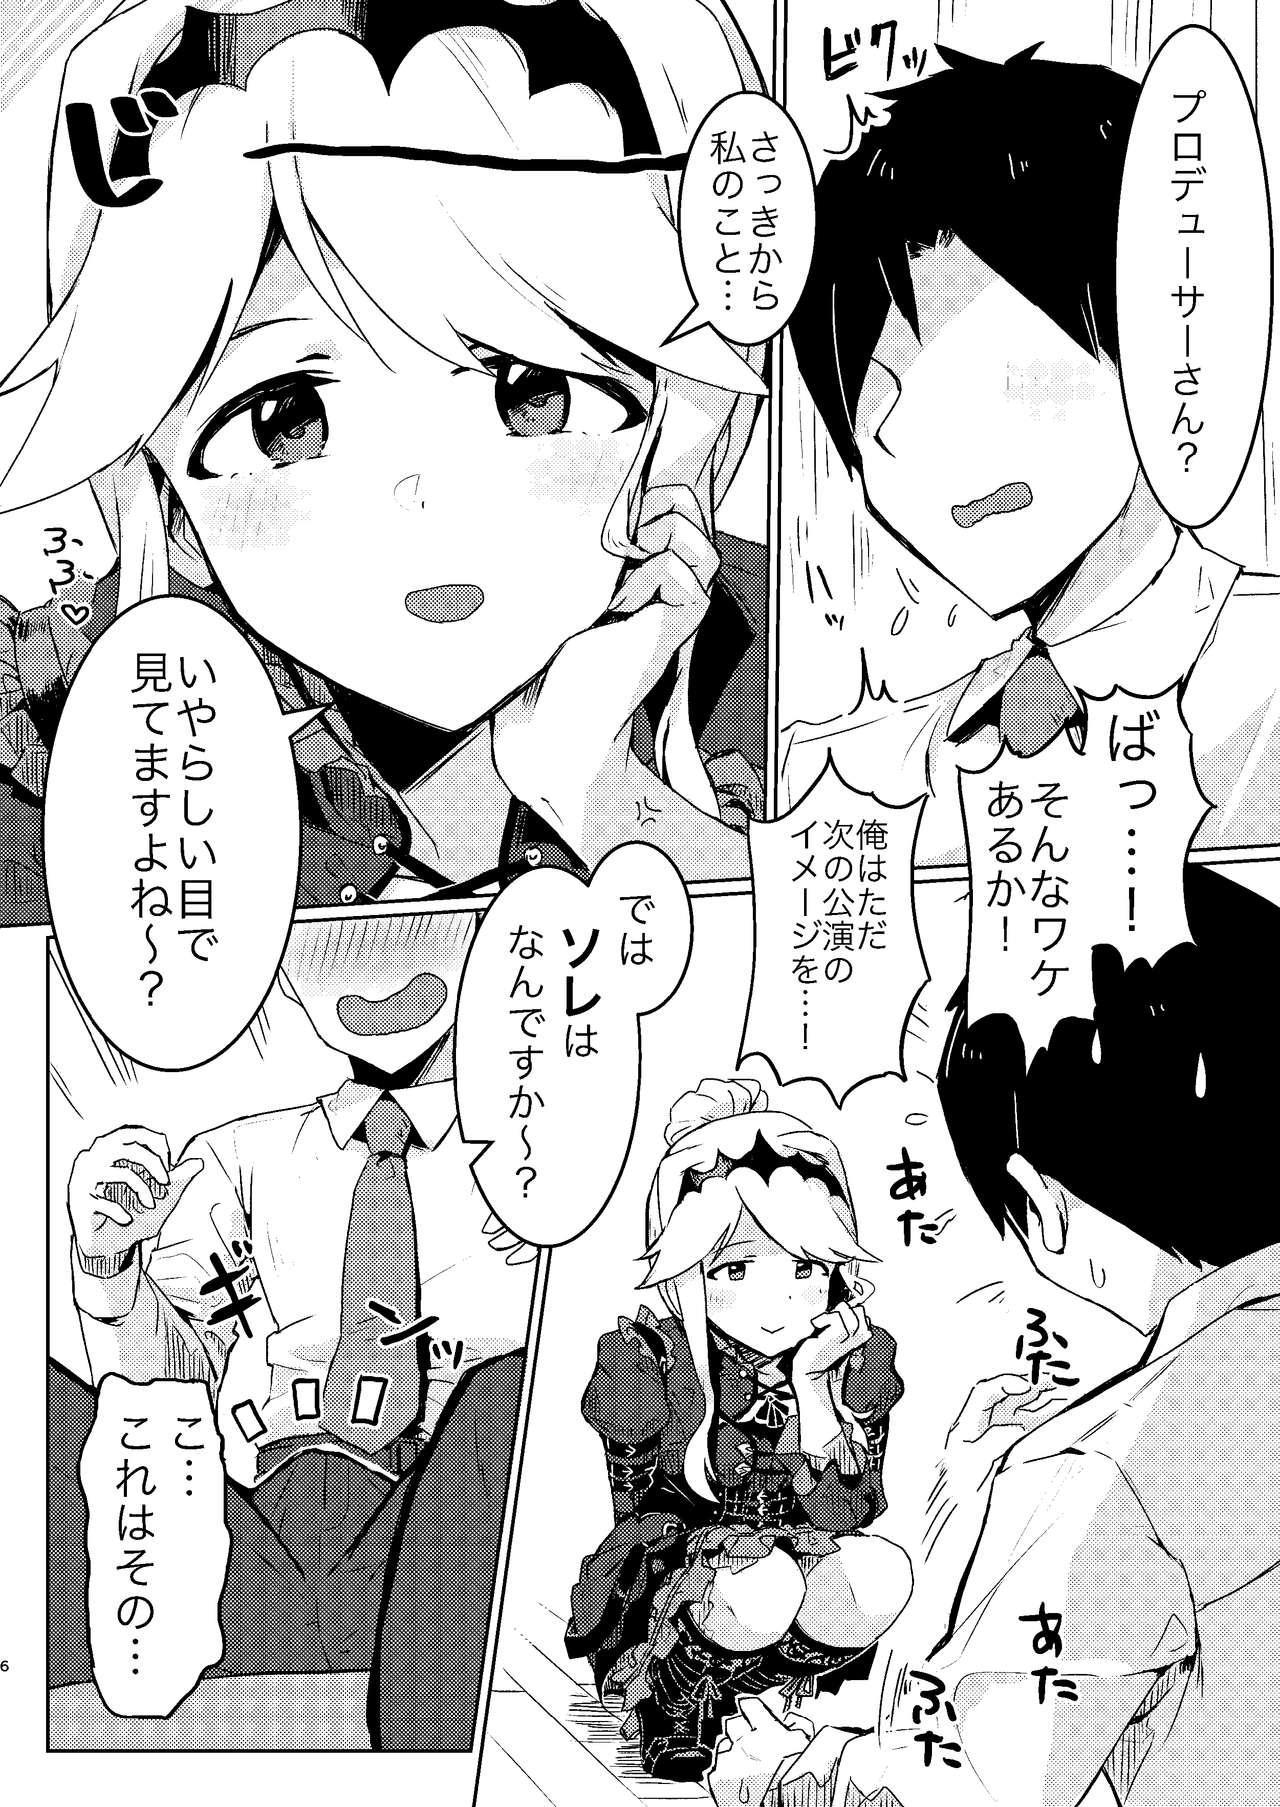 Kouishitsu de Ecchi Shite wa Ikemasen! 5